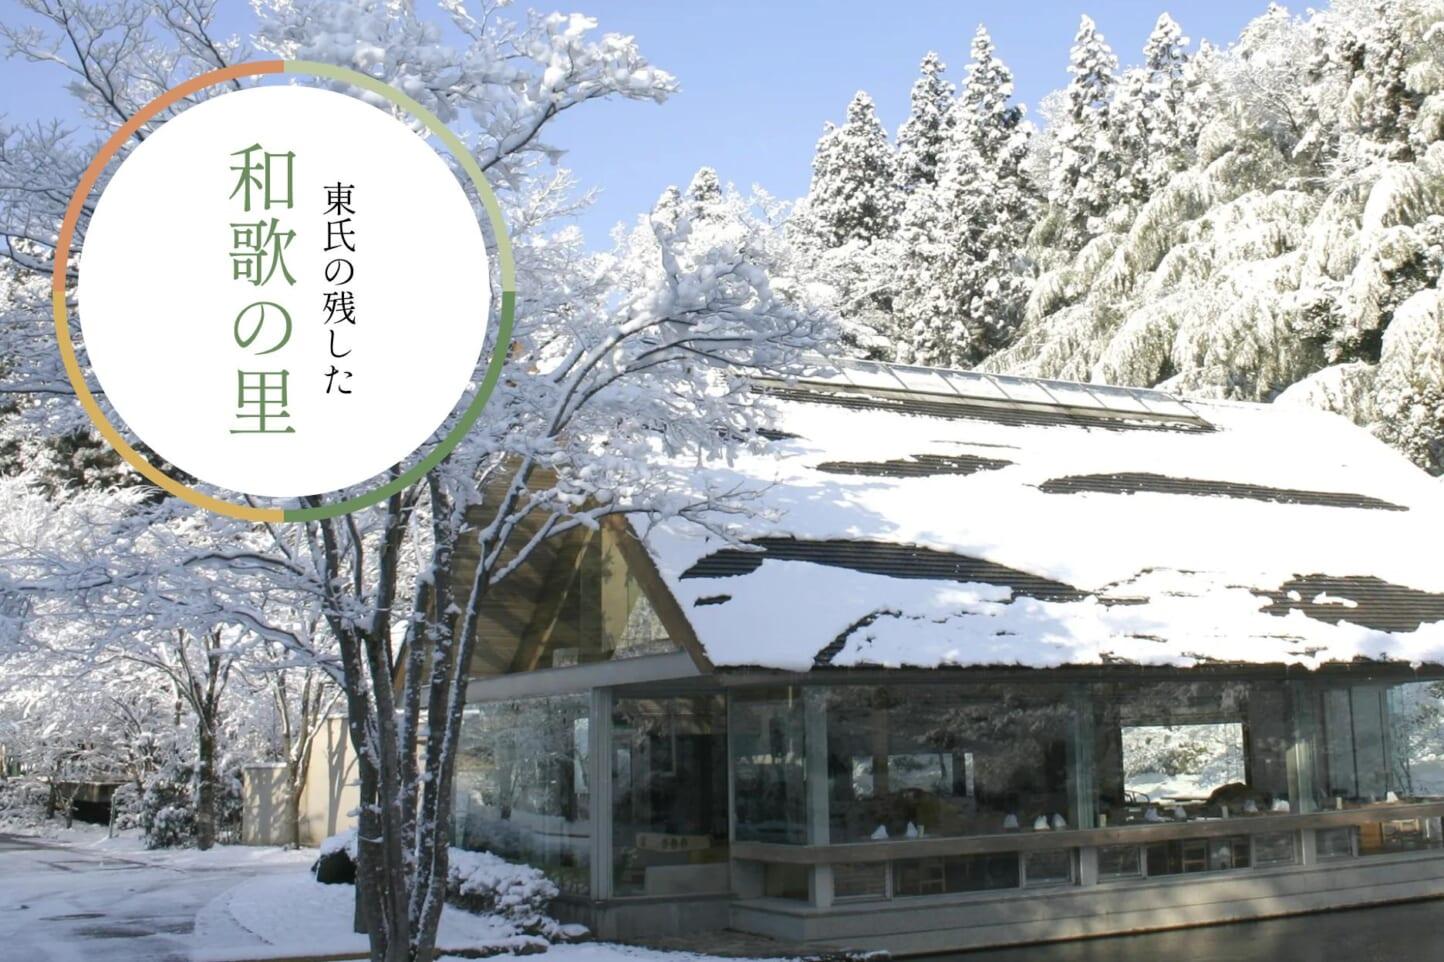 郡上の魅力 冬の特集を含む、4つの特集が新たにオープンしました!